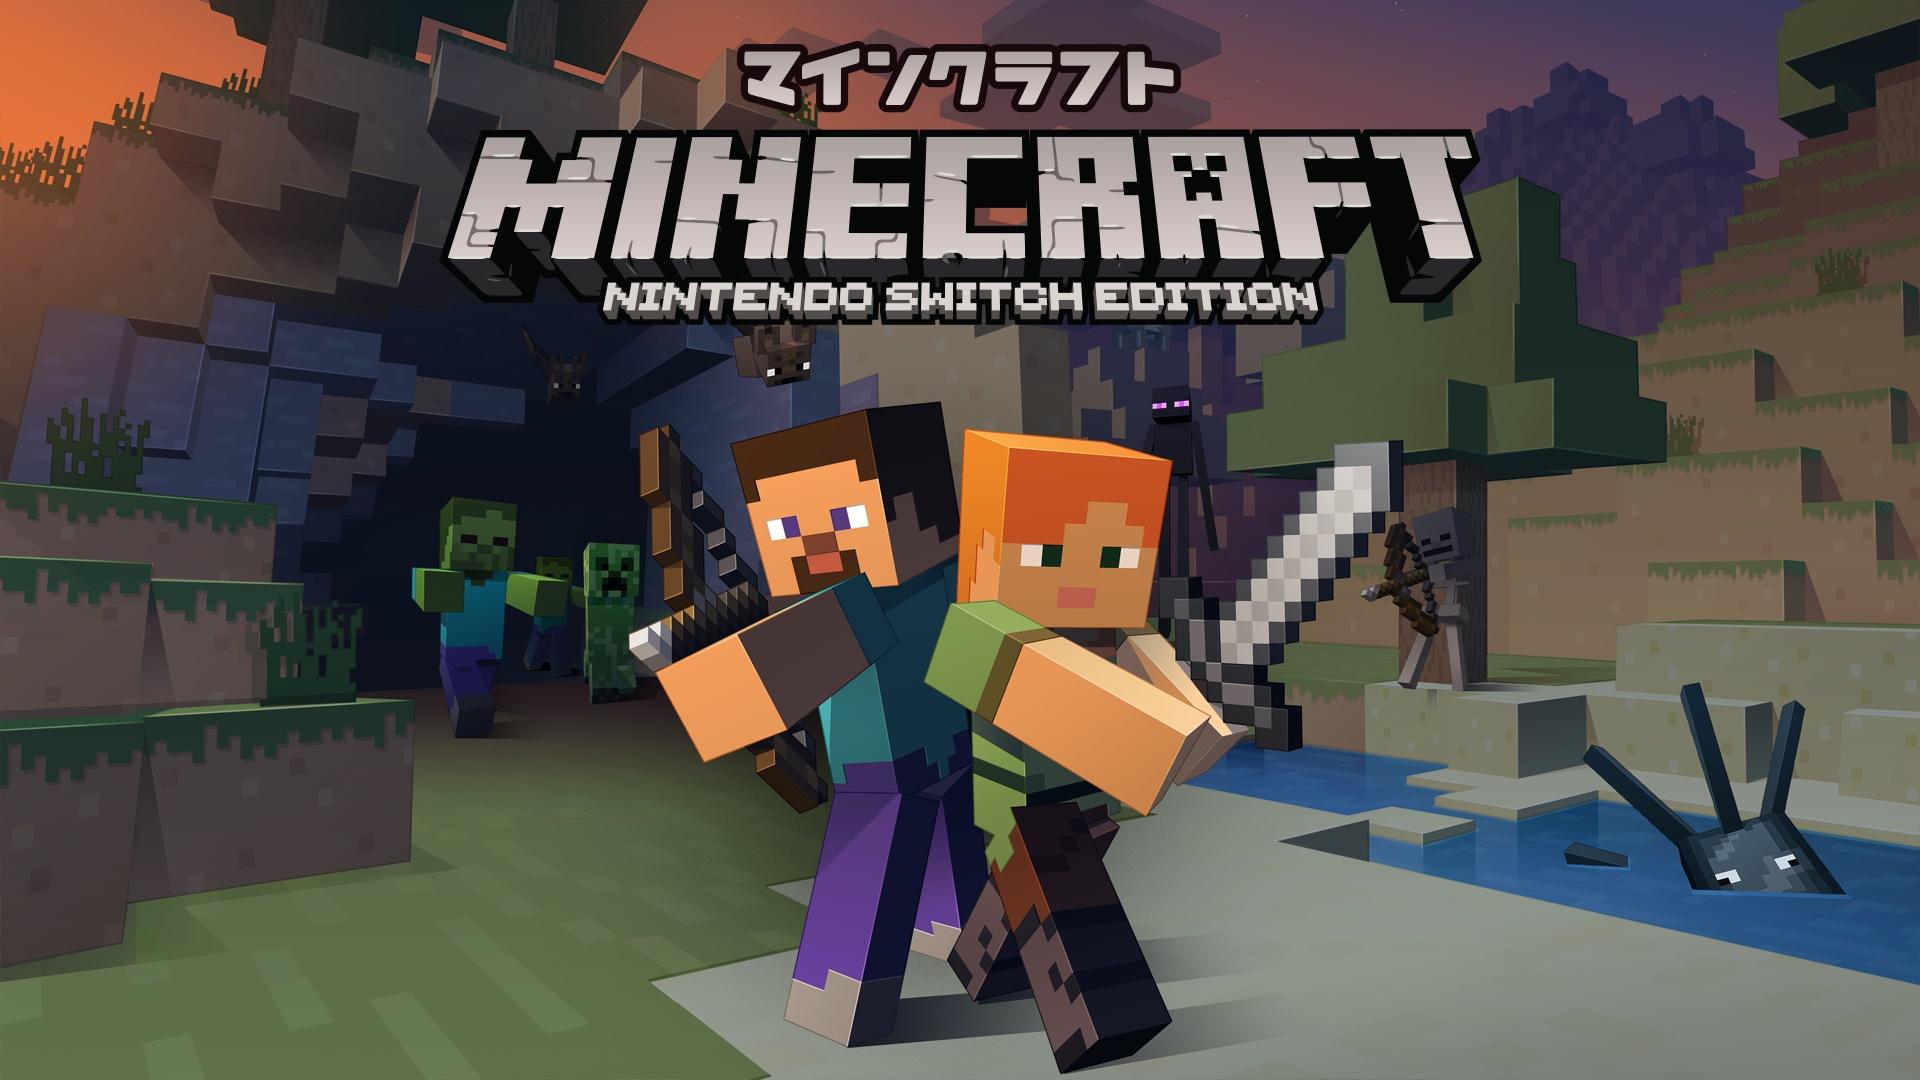 ニンテンドースイッチ:Minecraft: Nintendo Switch Edition(マインクラフト ニンテンドースイッチエディション)